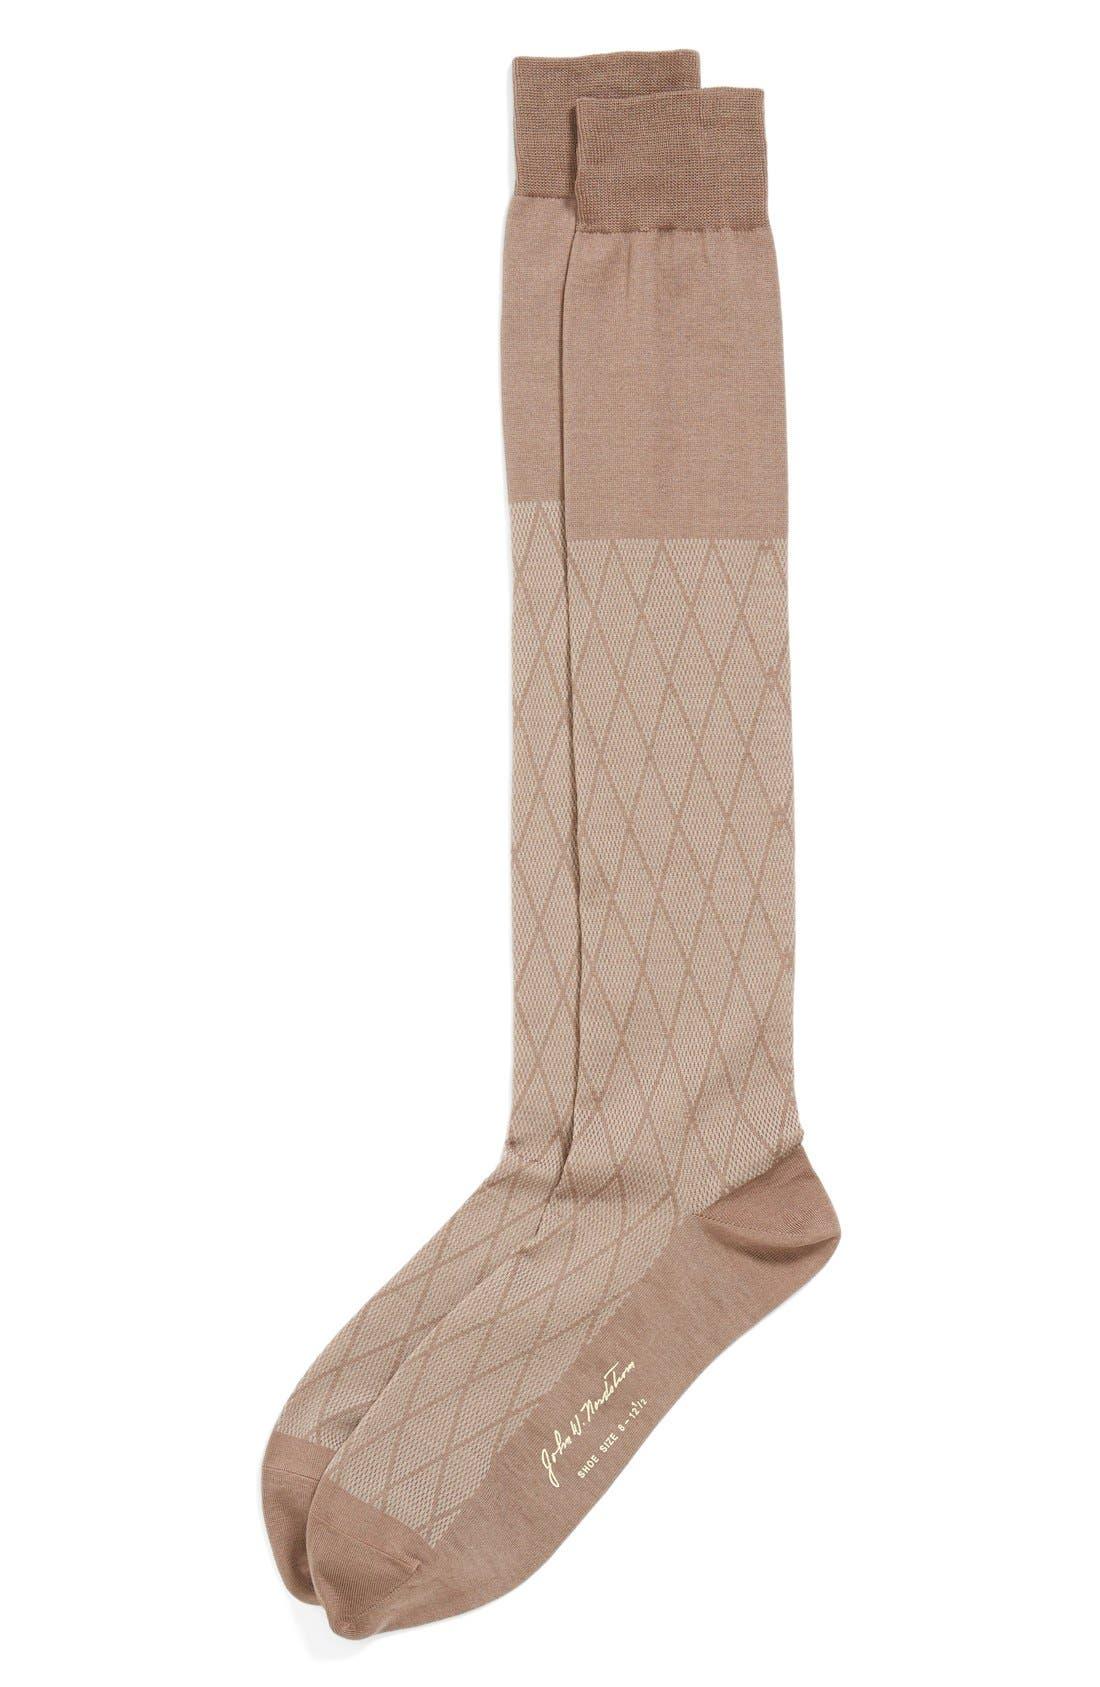 Alternate Image 1 Selected - John W. Nordstrom® Over the Calf Diamond Socks